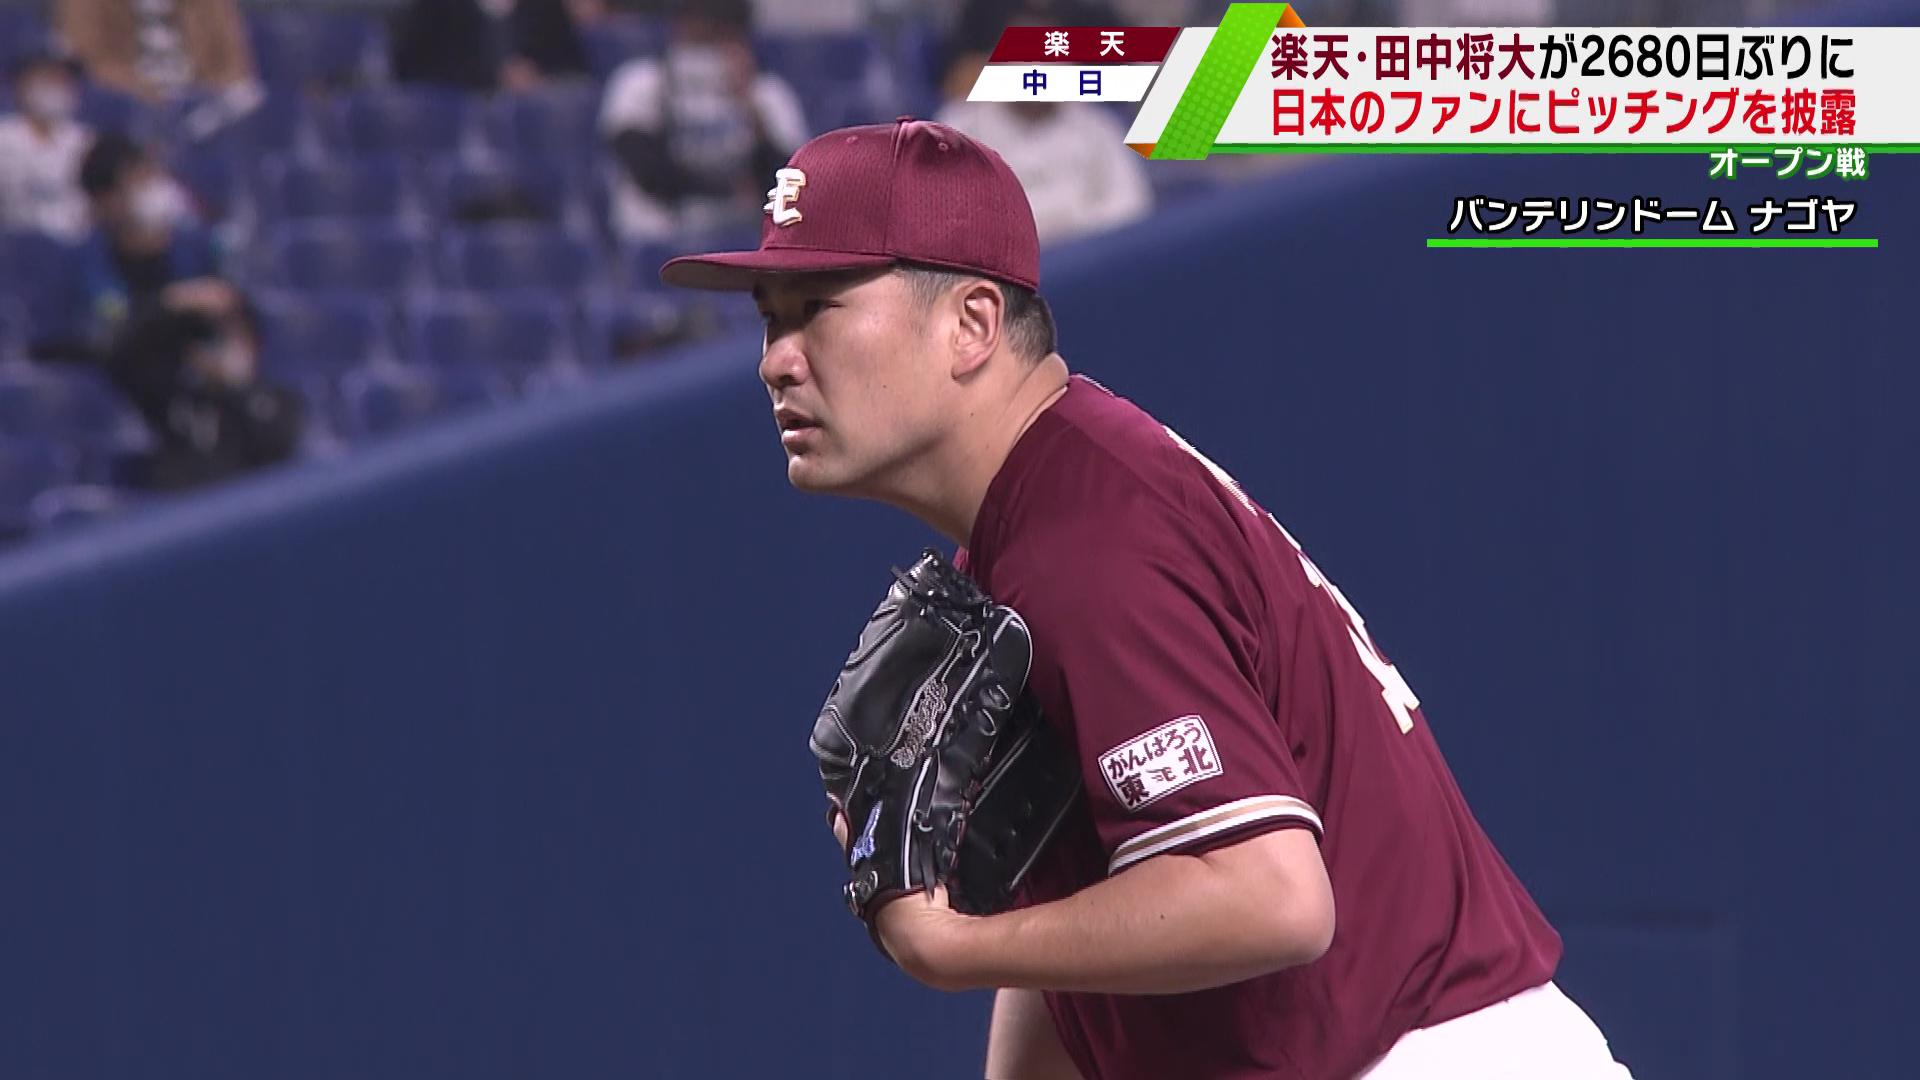 【楽天】田中将大「着実に良いステップは踏めている」2680日ぶりに日本ファンの前で登板